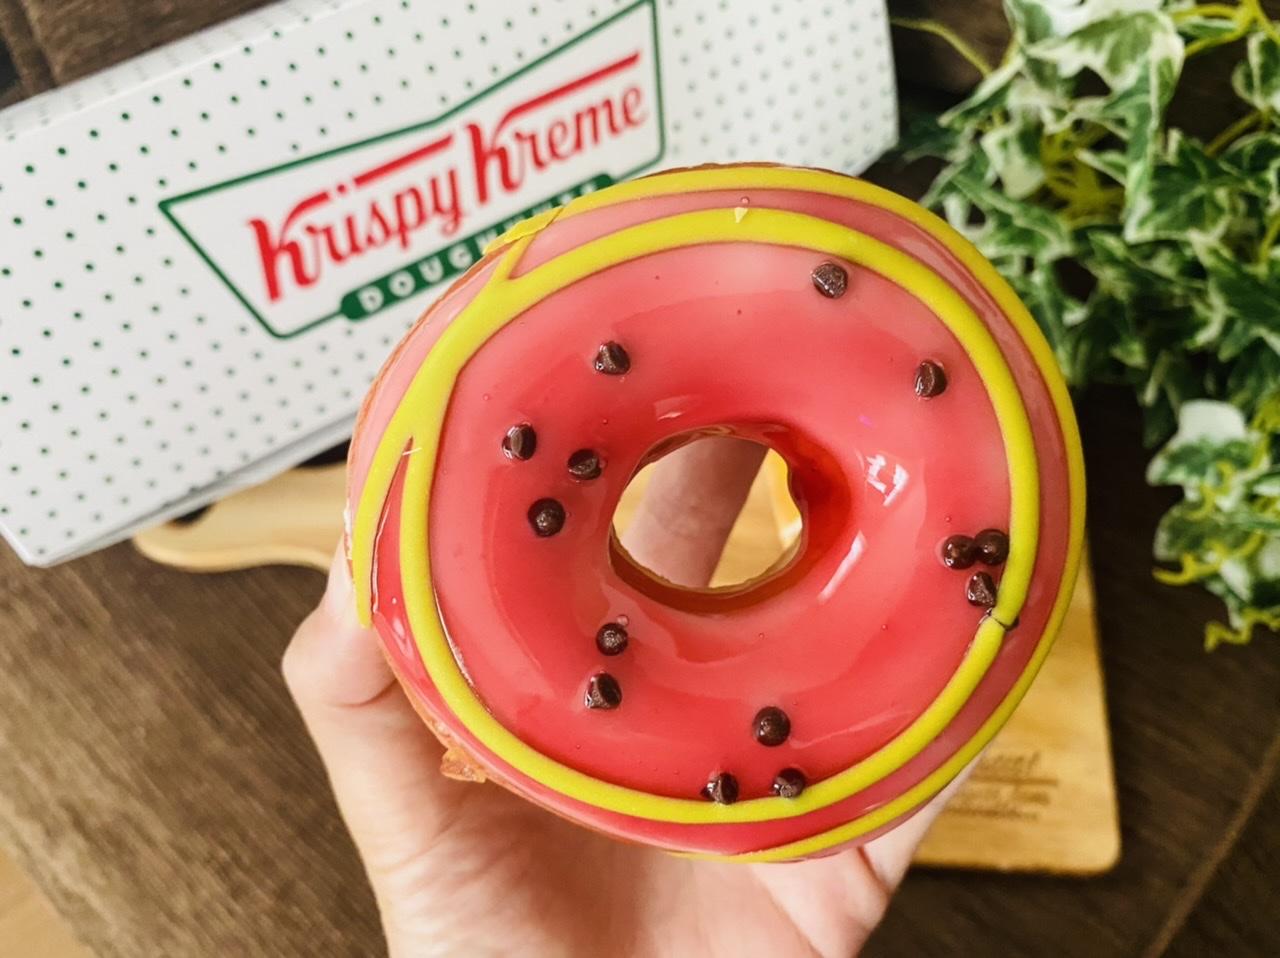 【クリスピー・クリーム・ドーナツ】まるでスイカとメロン♡初夏限定ドーナツが可愛すぎる!_2